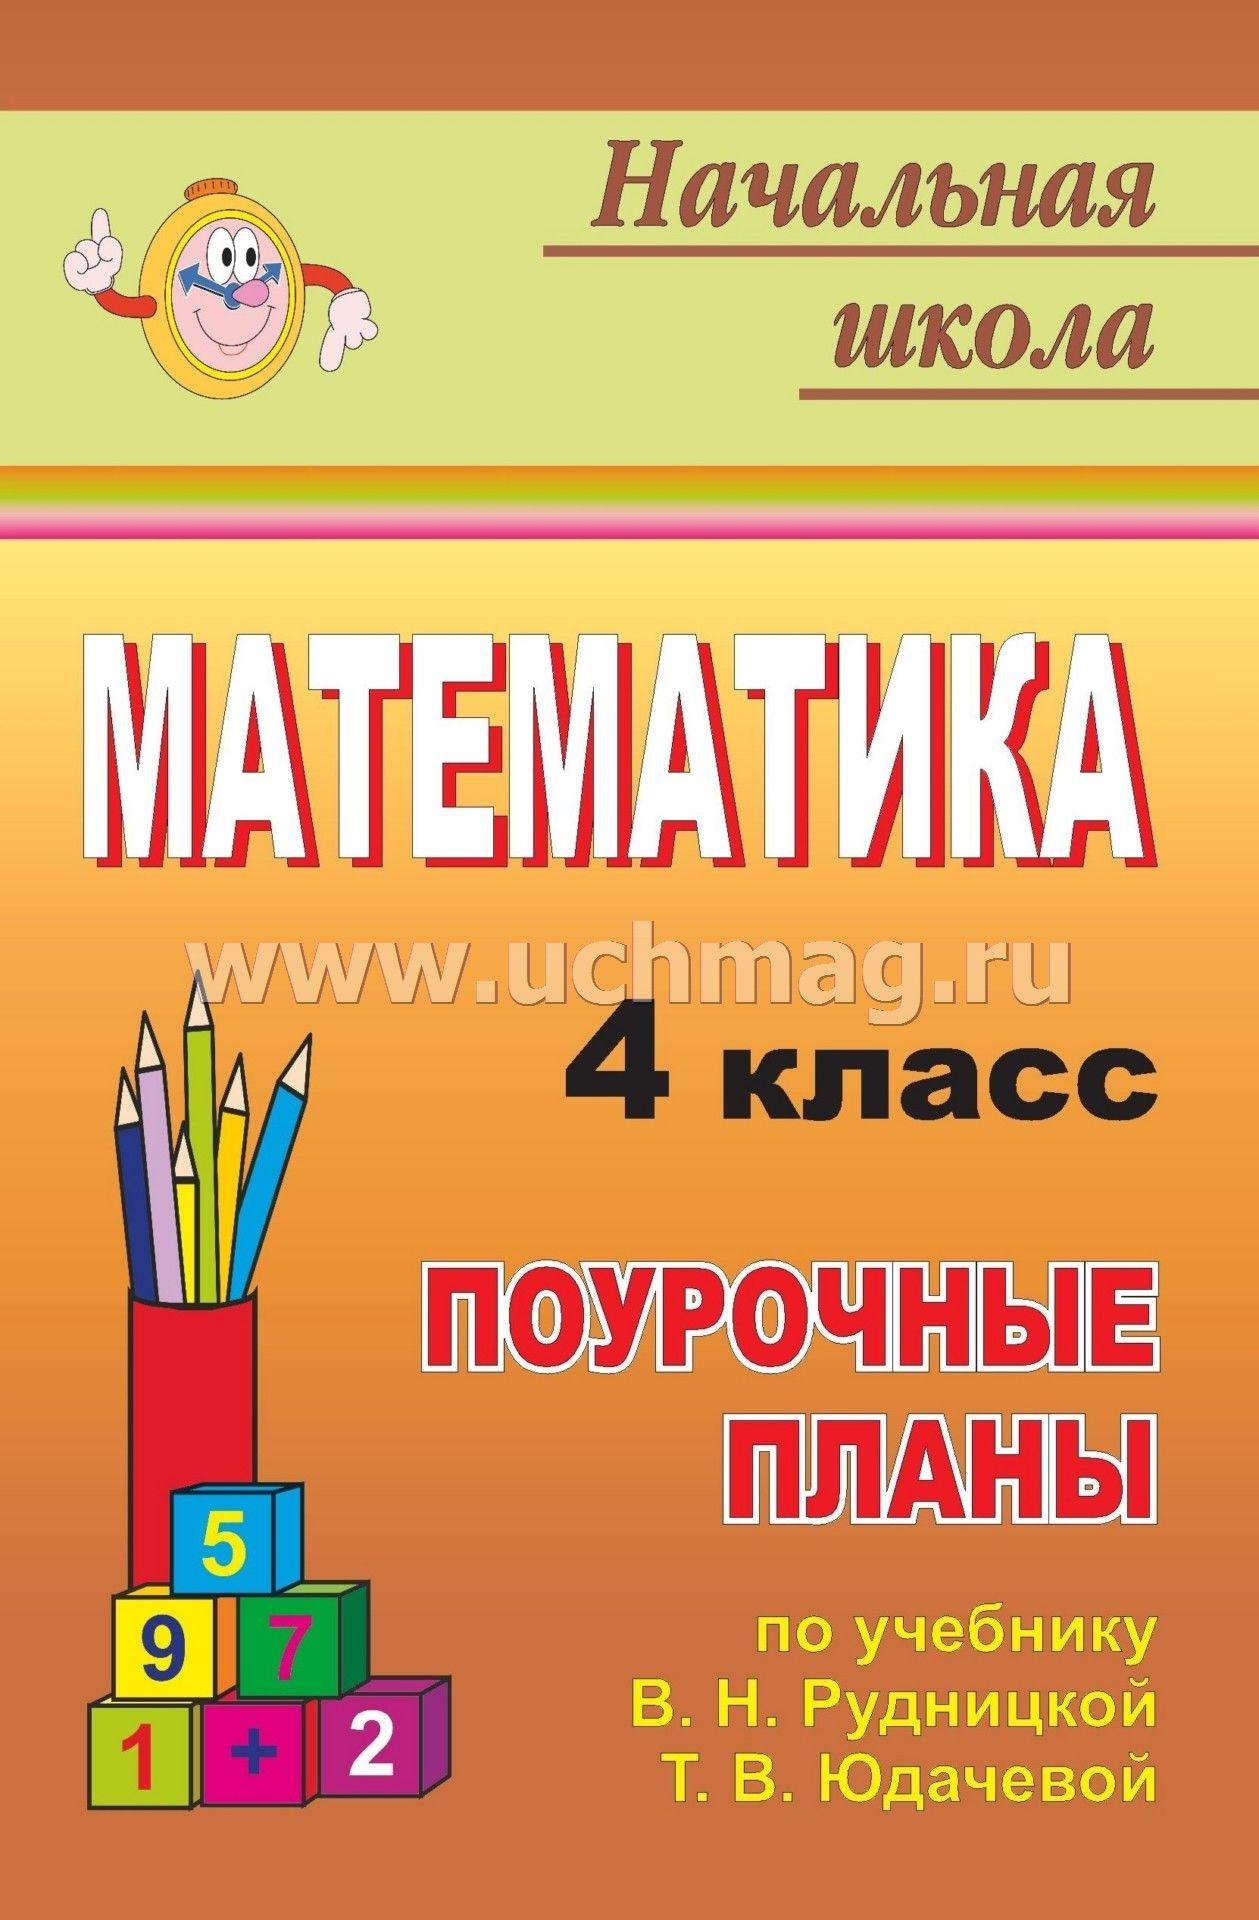 Система уроков математики в 1 классе по умк начальная школа 21 века автор составитель и.г.смирнова